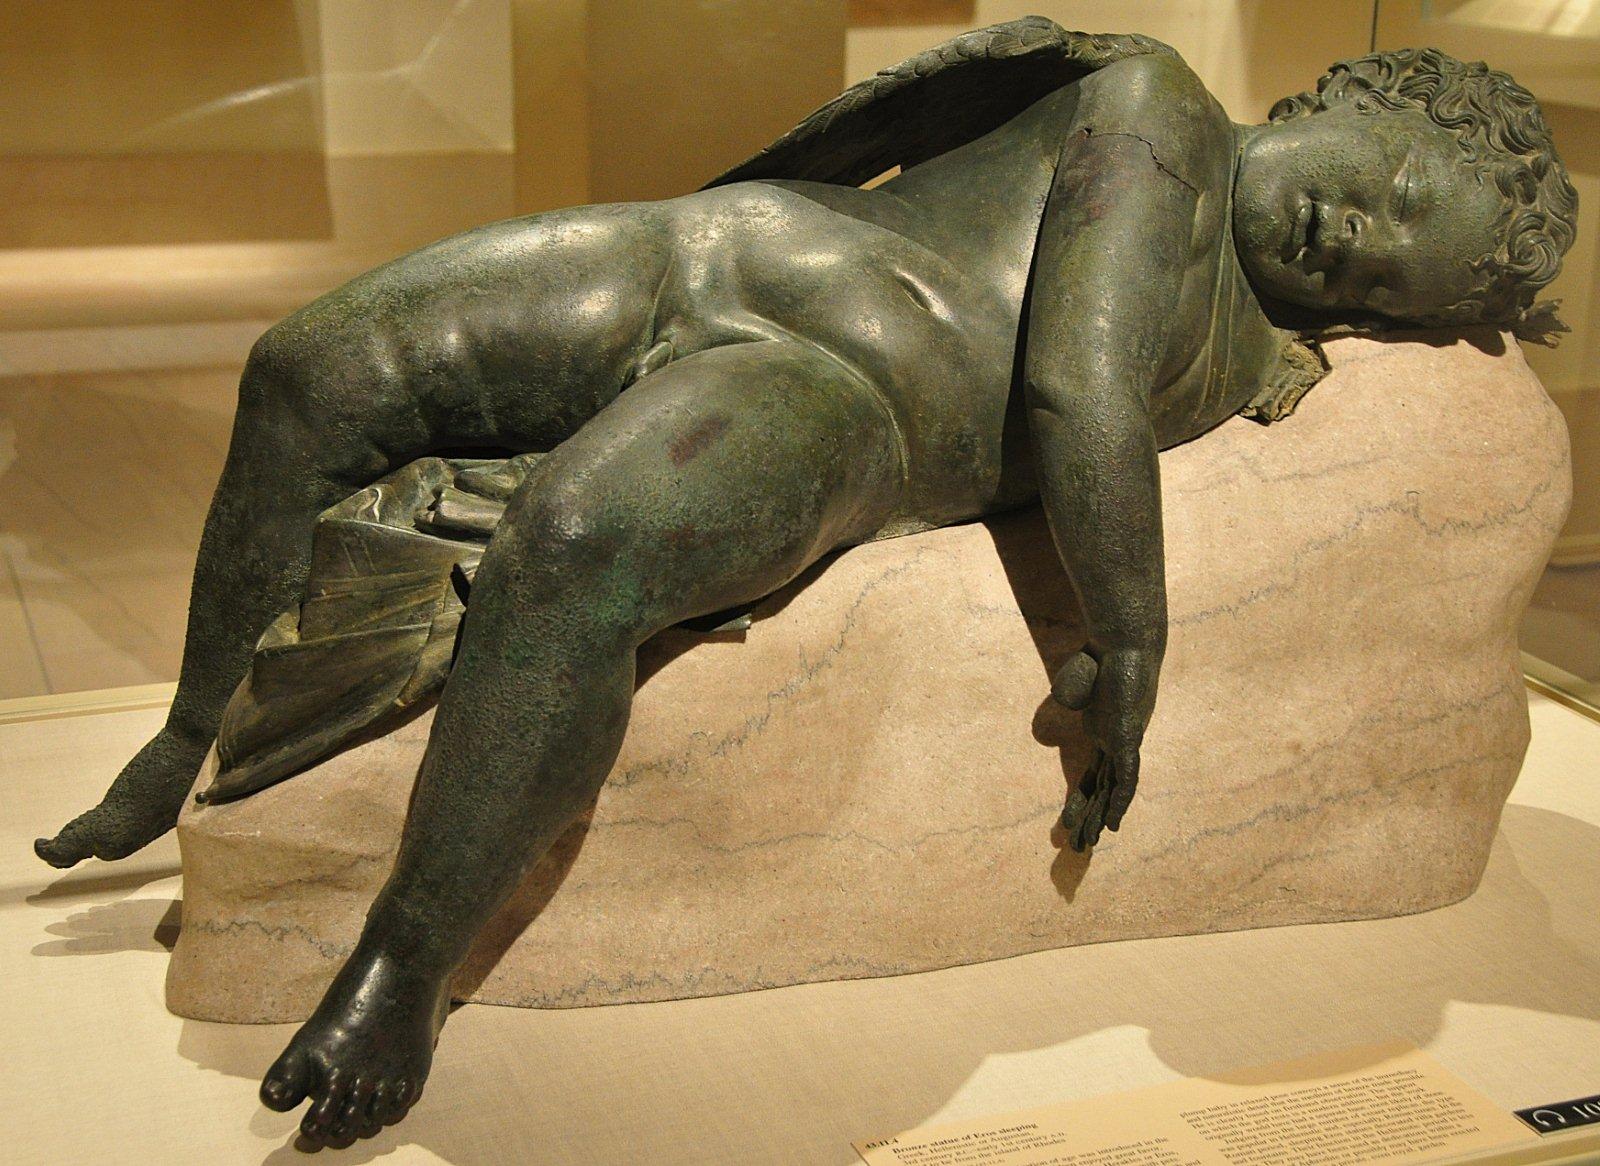 bronze statue of eros sleeping essay Popifilox statue: share 1869 80 venus-of-willendorf 150 bronze statue of eros sleeping periodhellenistic or augustan pe 96 philip wakeham sculptor 2017 120.